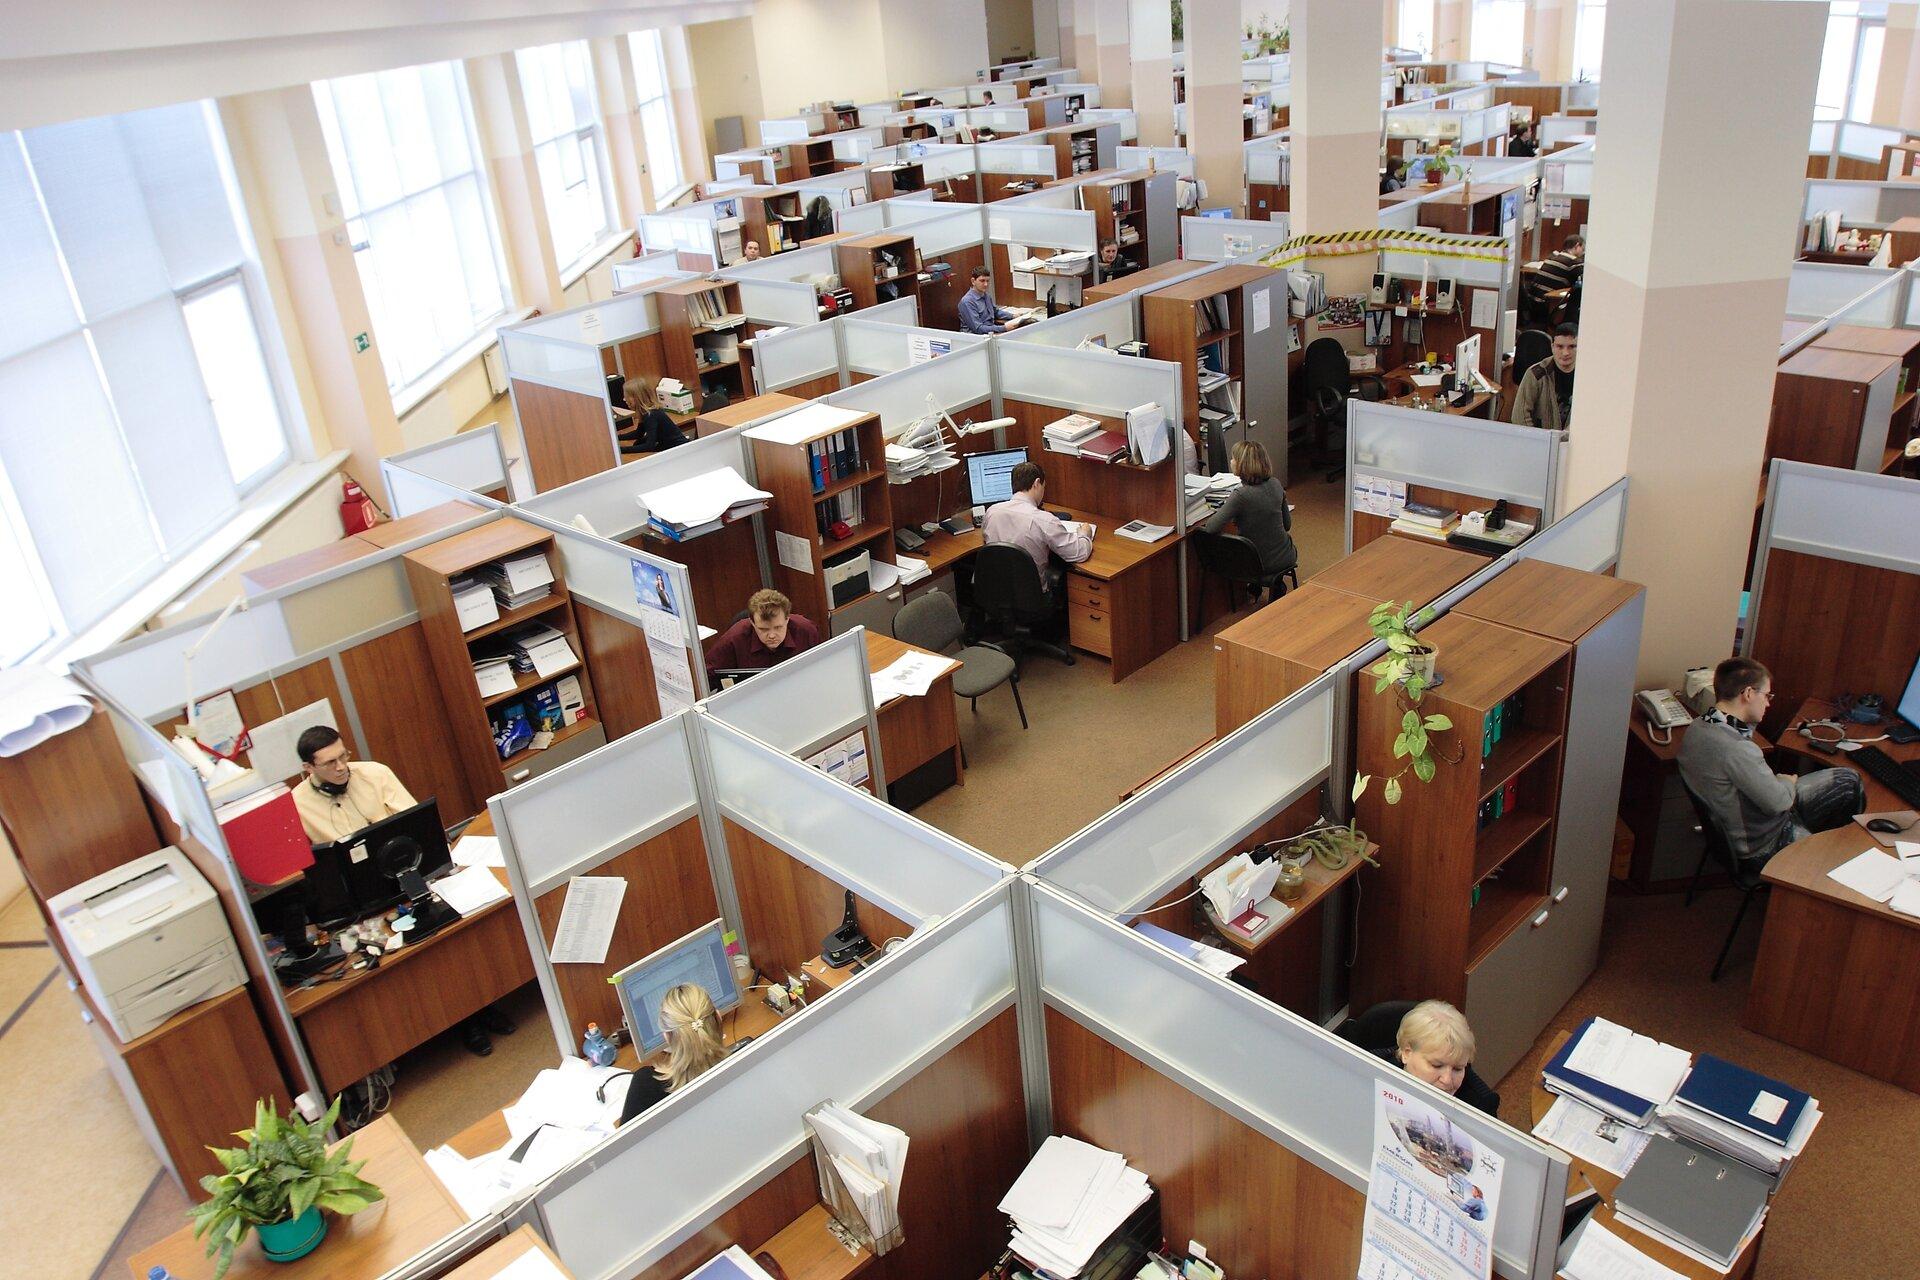 współczesne biuro Źródło: pixabay, współczesne biuro, licencja: CC 0.